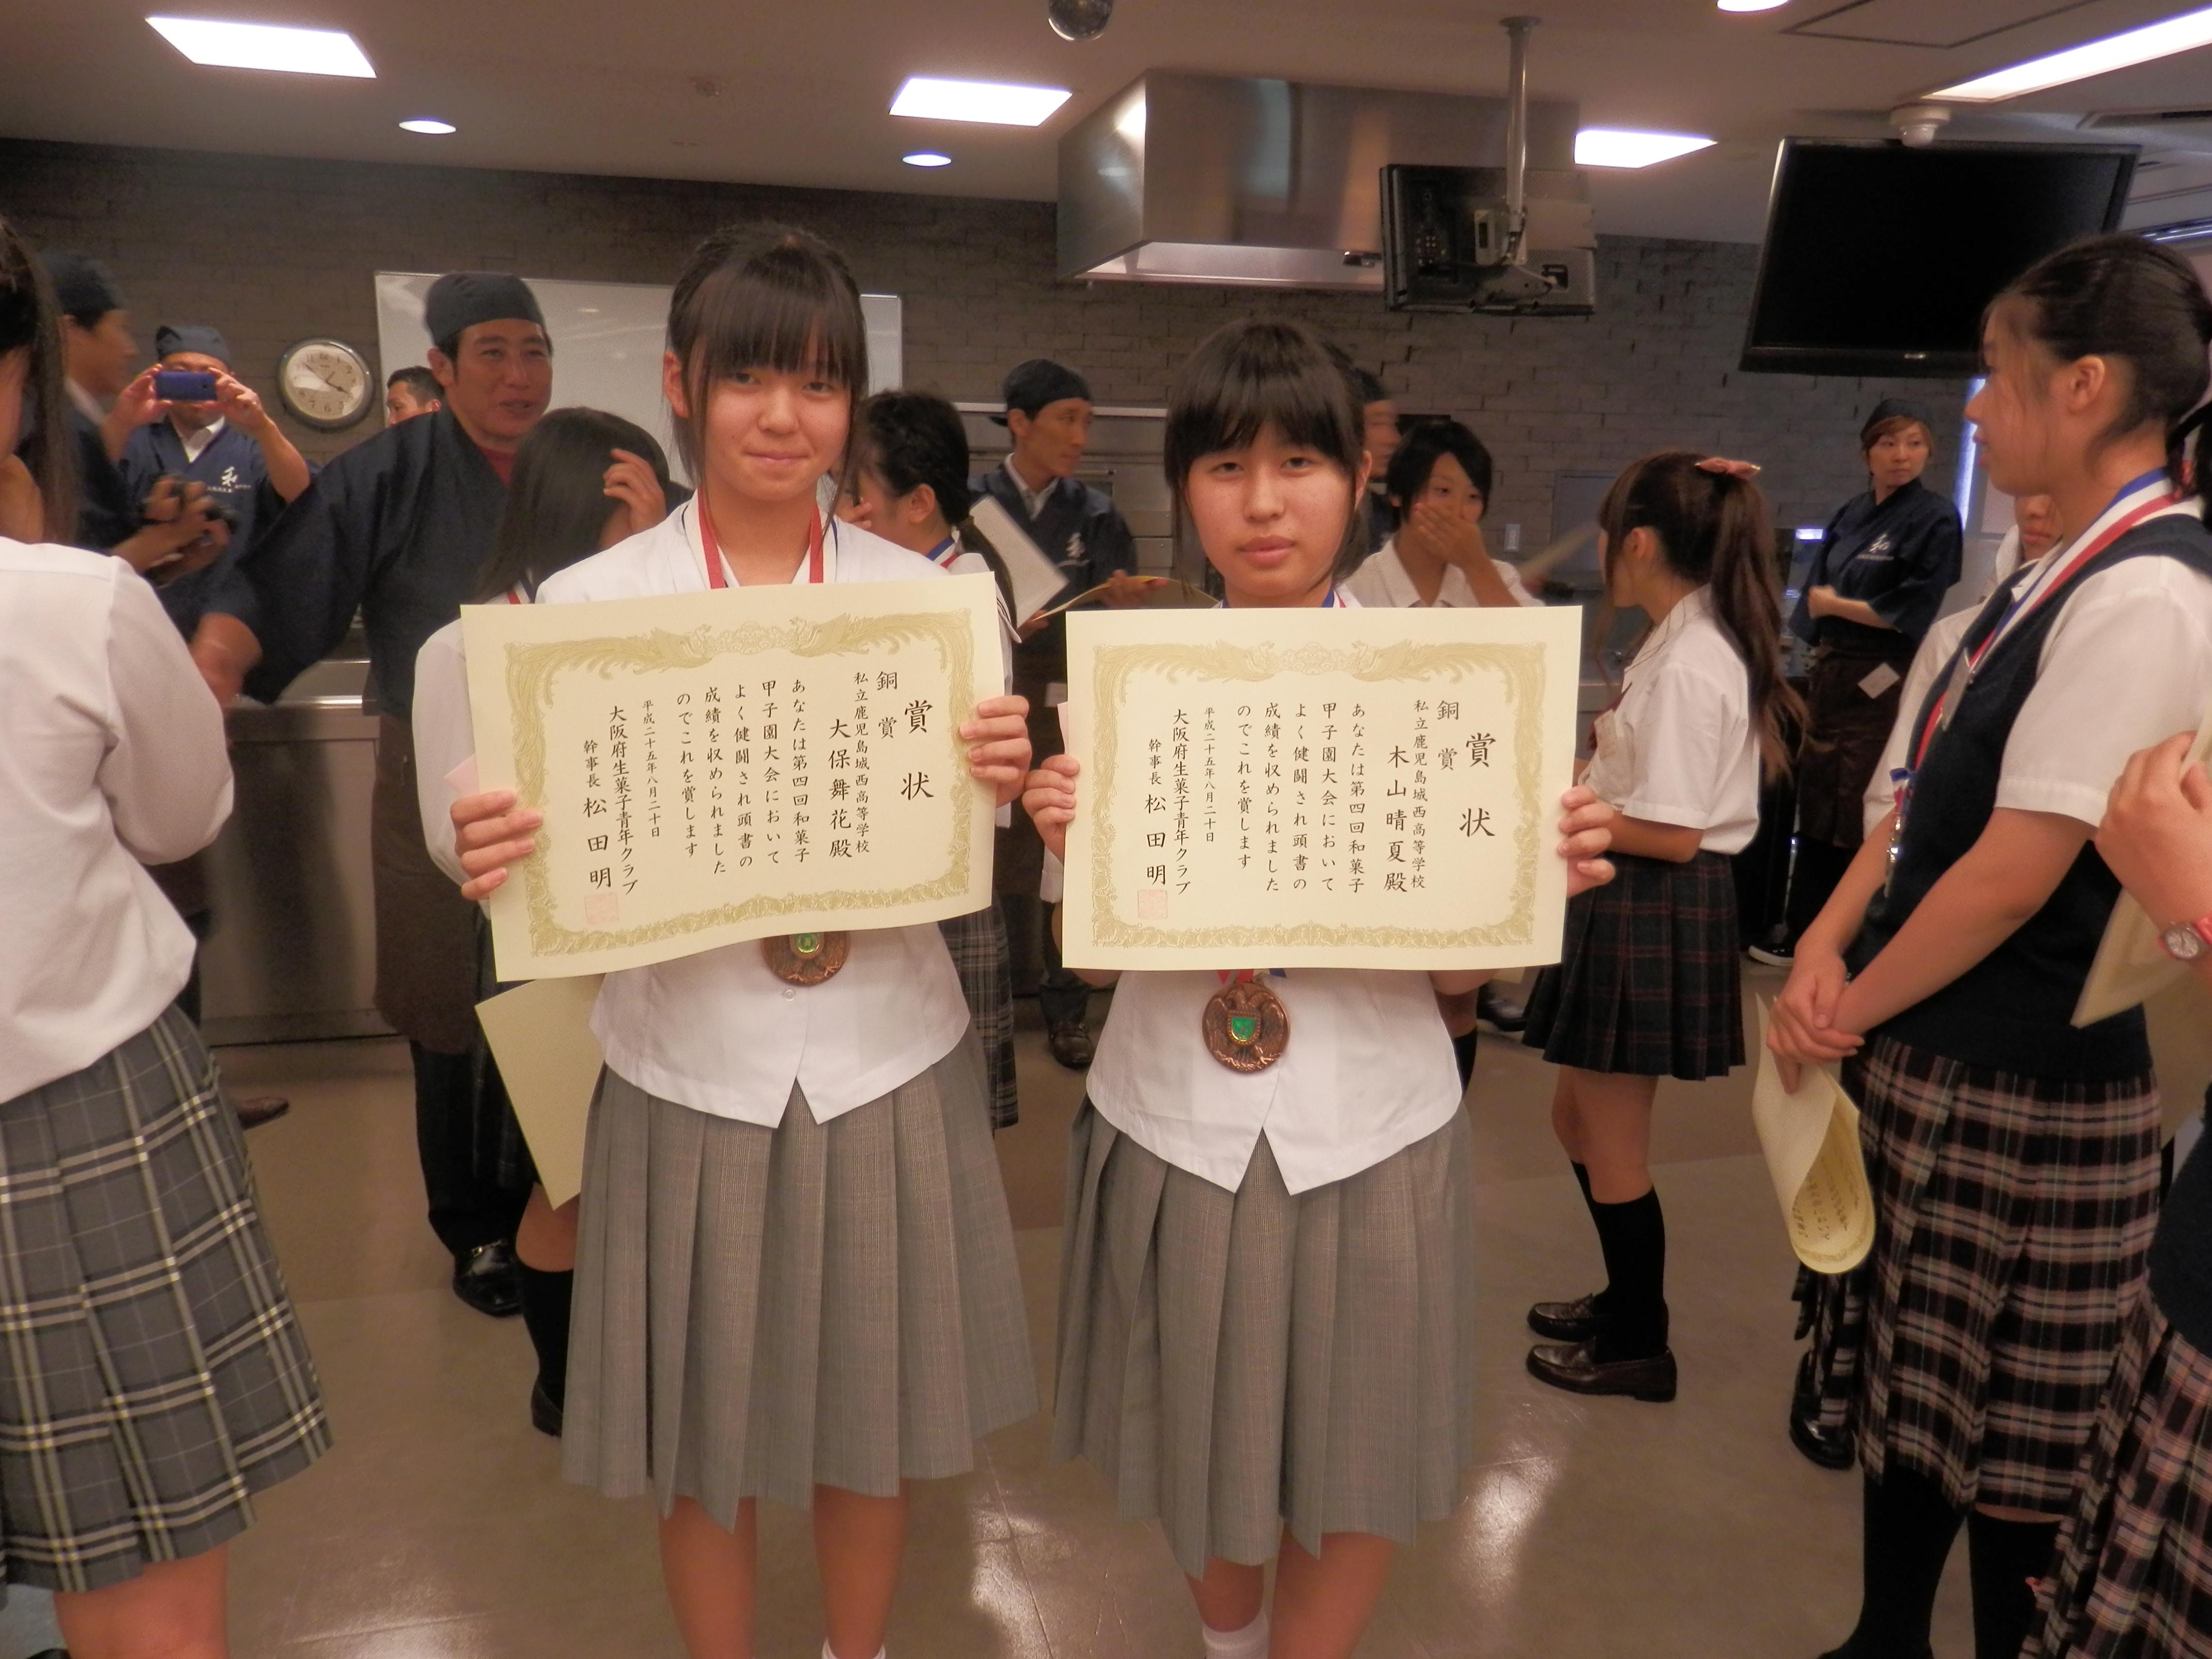 【写真左】大保 舞花さん(国分中出身) 【写真右】木山 夏さん(河頭中出身)